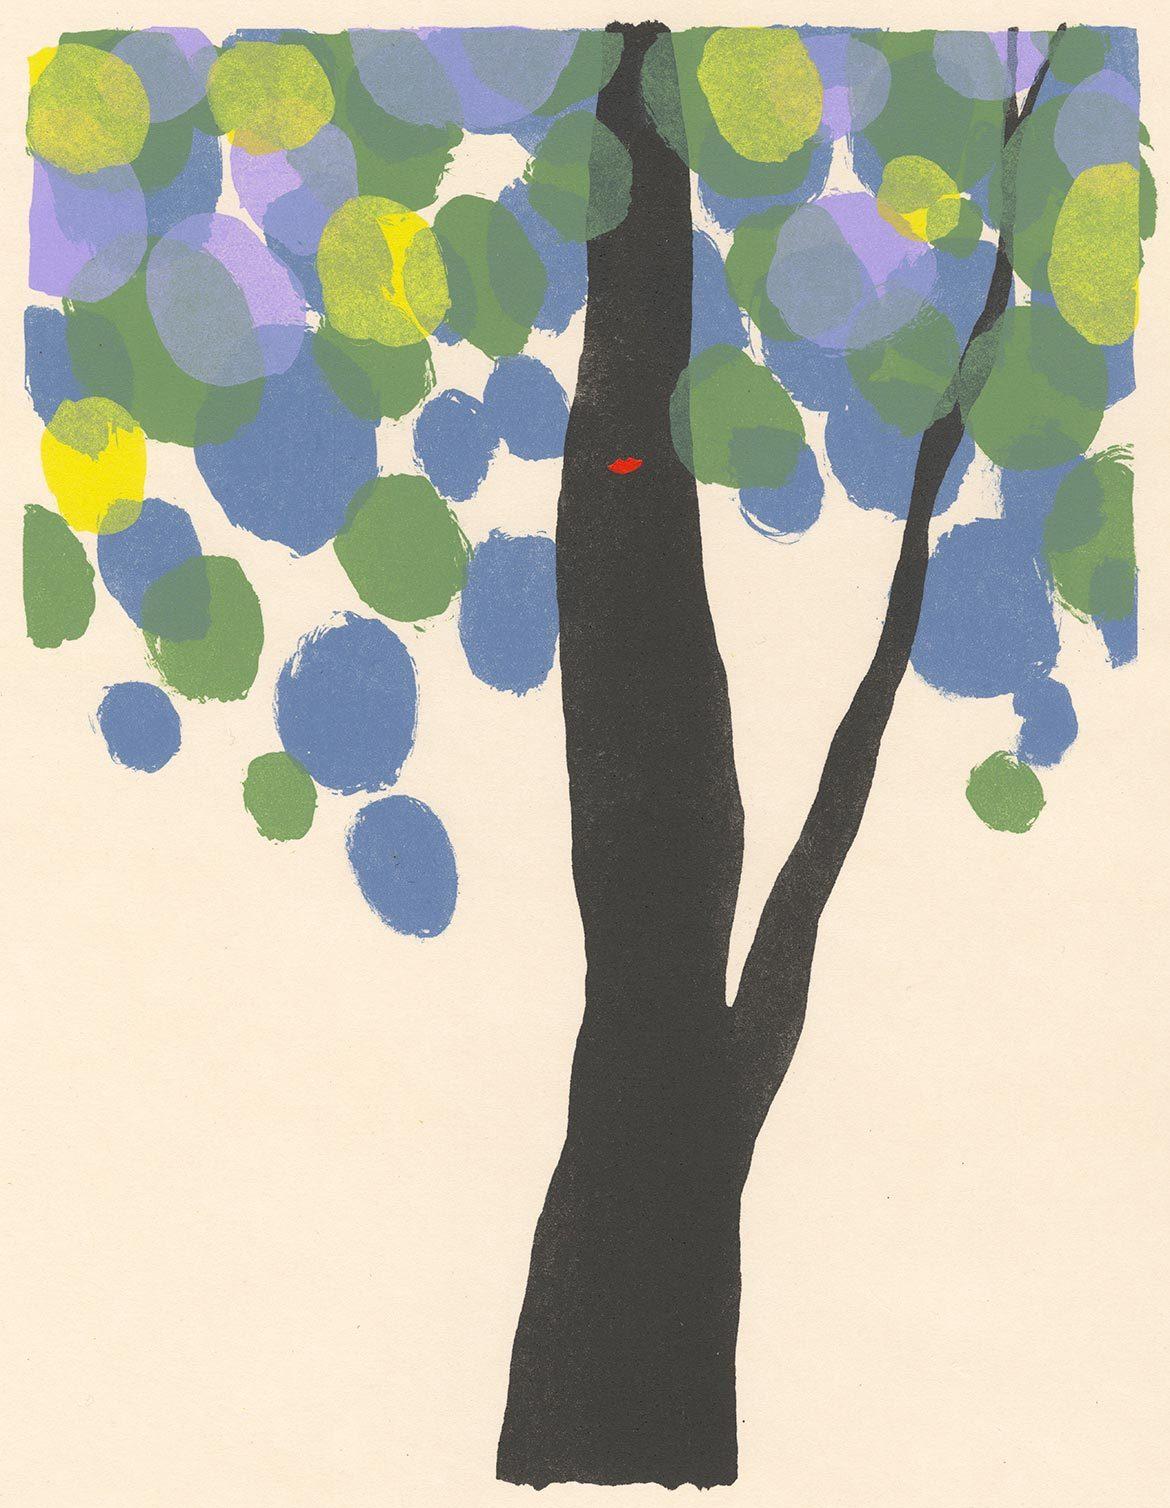 nomoco_tree-woman-1170x1508.jpg